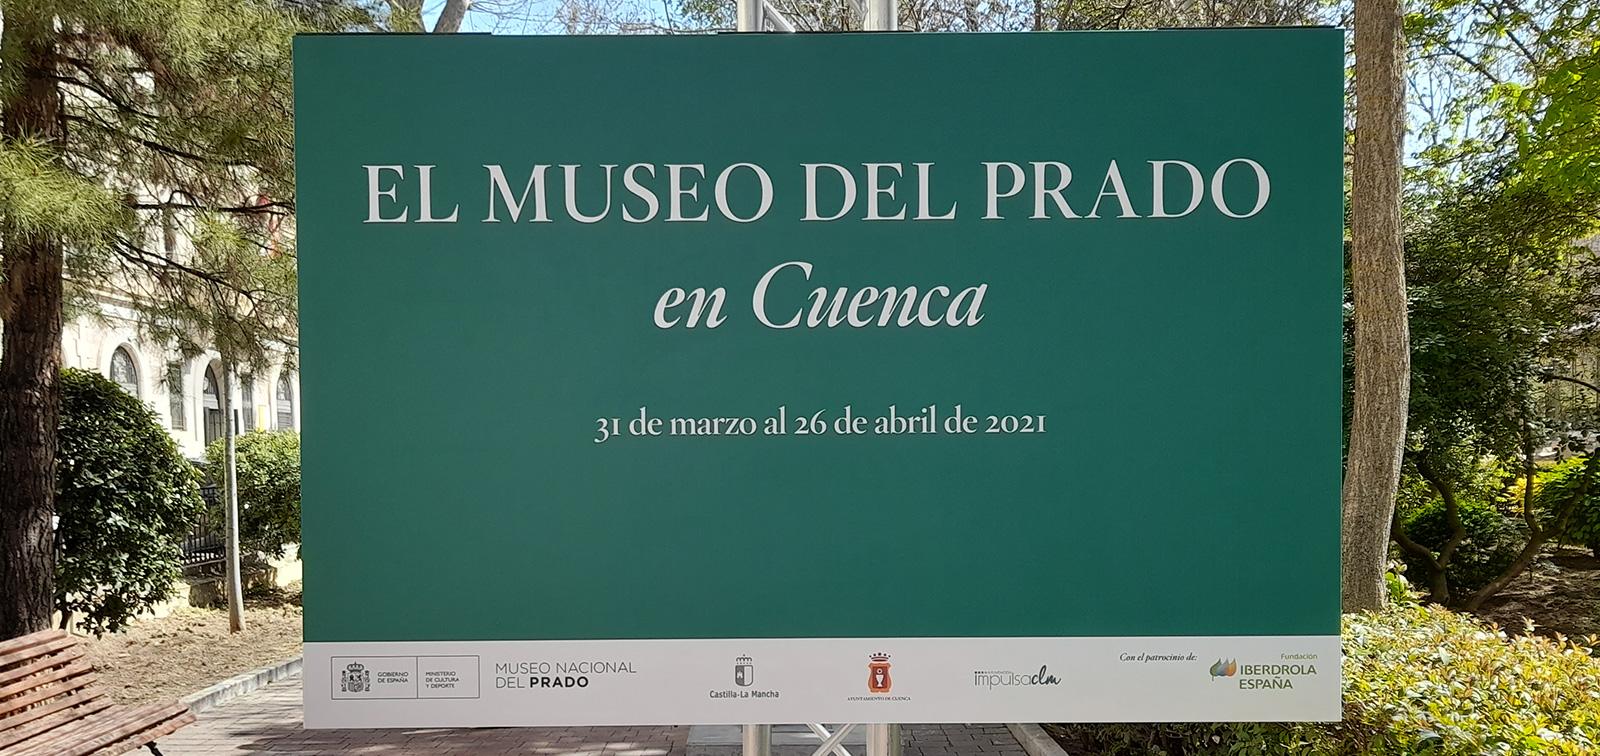 Exposición didáctica: El Museo del Prado en Cuenca